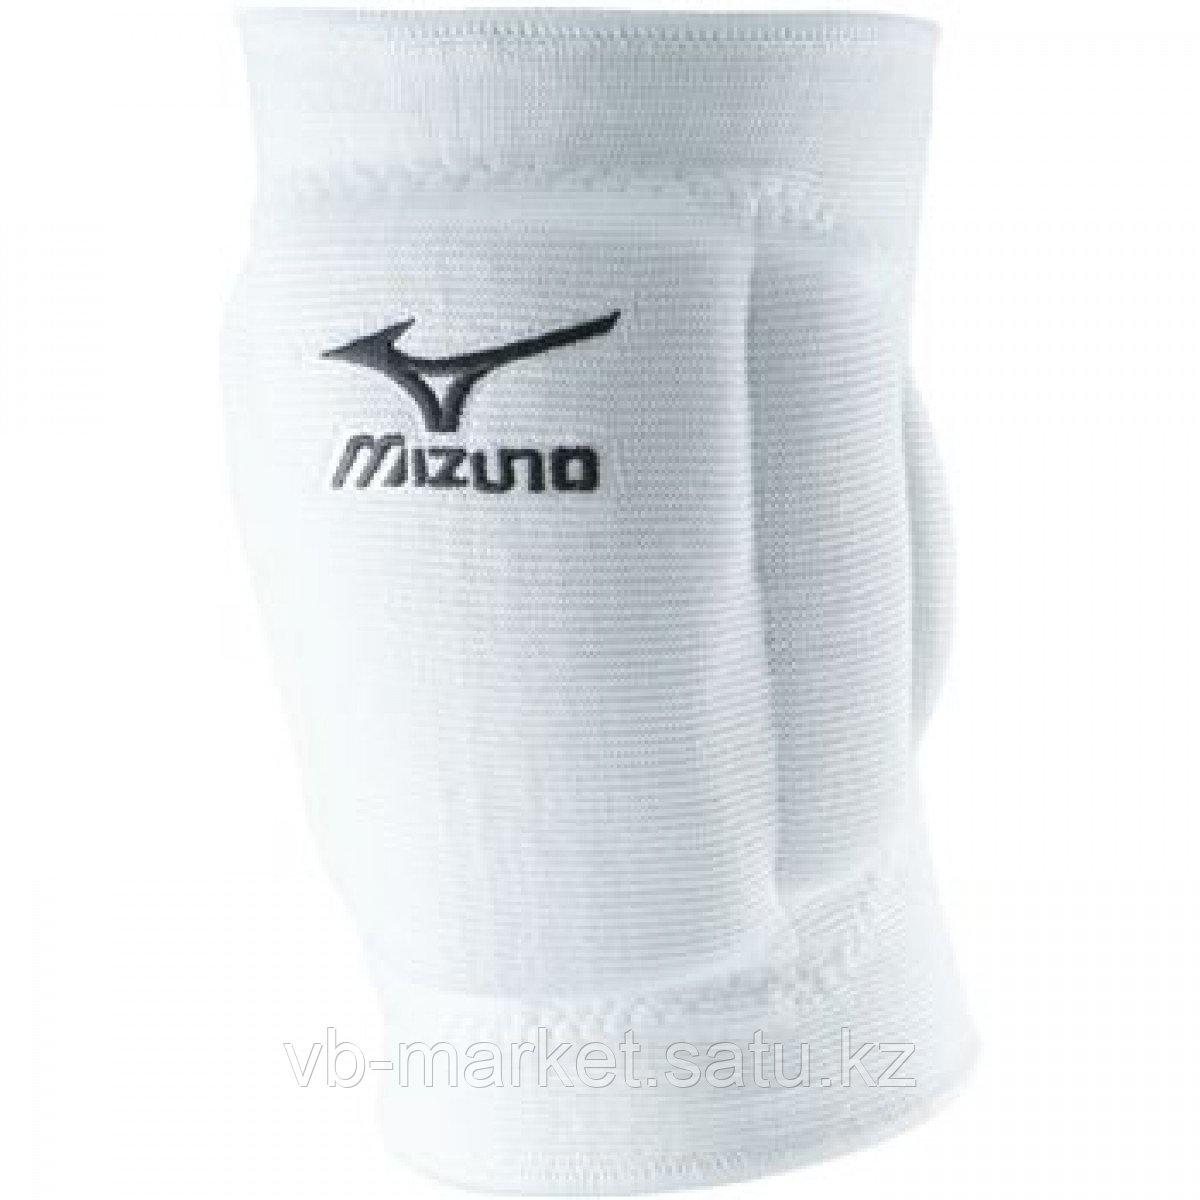 Наколенники для волейбола mizuno 14 team kneepad